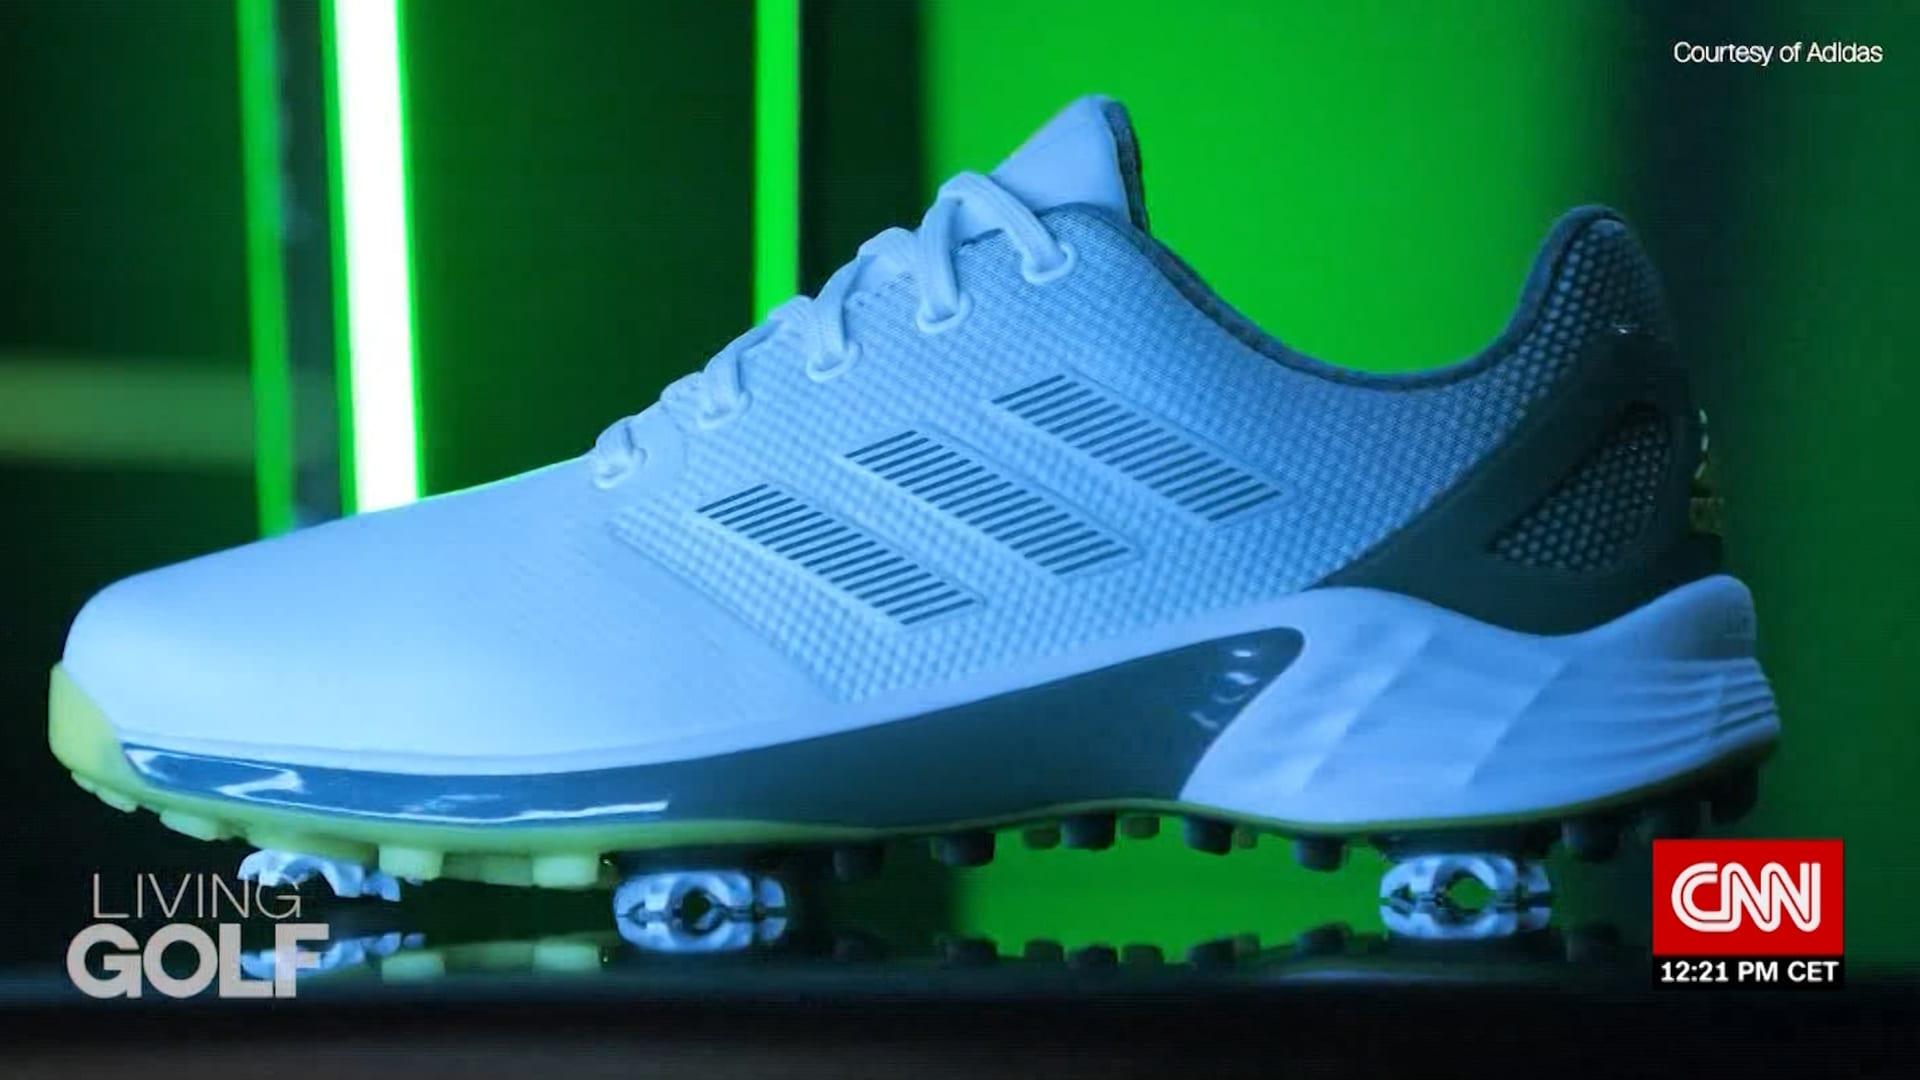 تصاميم مبتكرة لتغيير شكل أحذية الغولف وتحسين أدائها